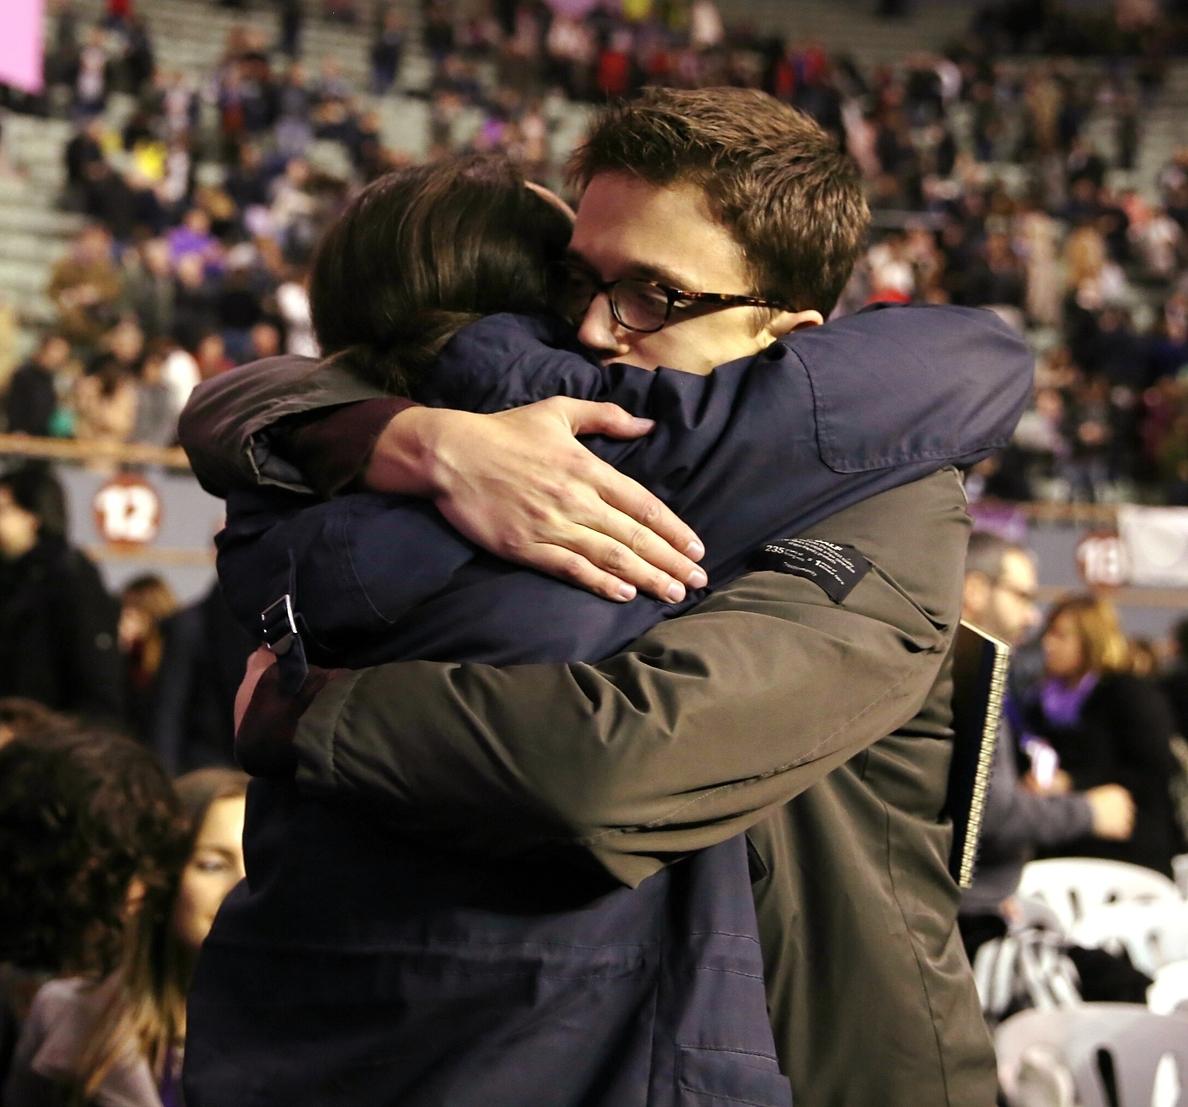 El objetivo de Podemos para este año: ganar la Comunidad de Madrid